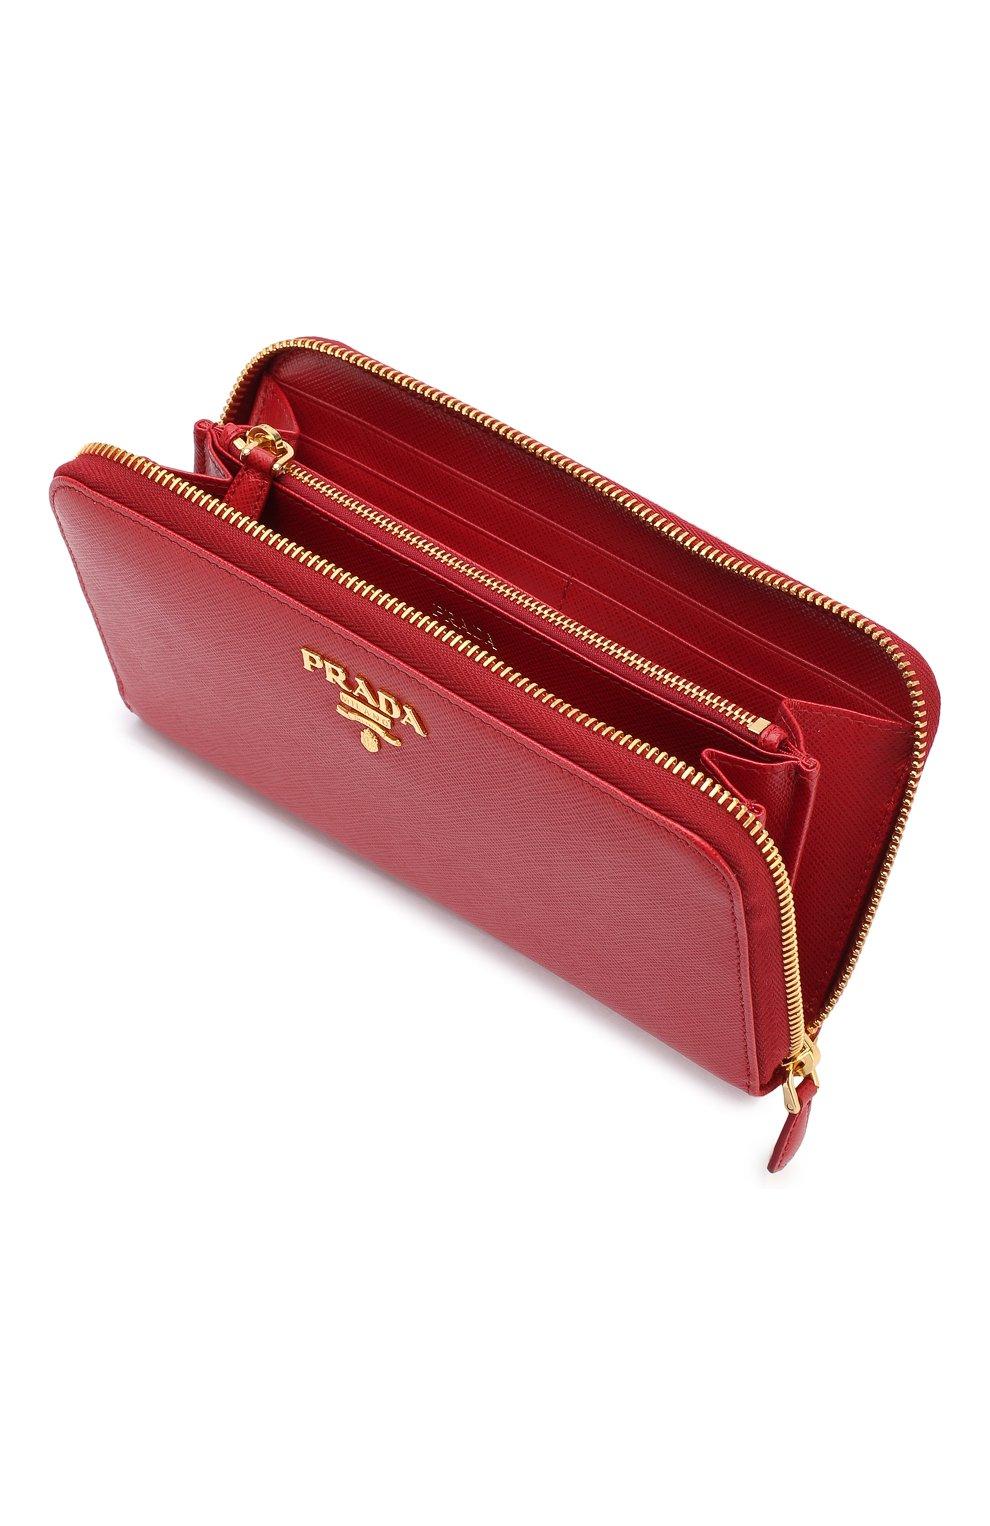 Кожаный кошелек на молнии с логотипом бренда Prada красного цвета | Фото №3